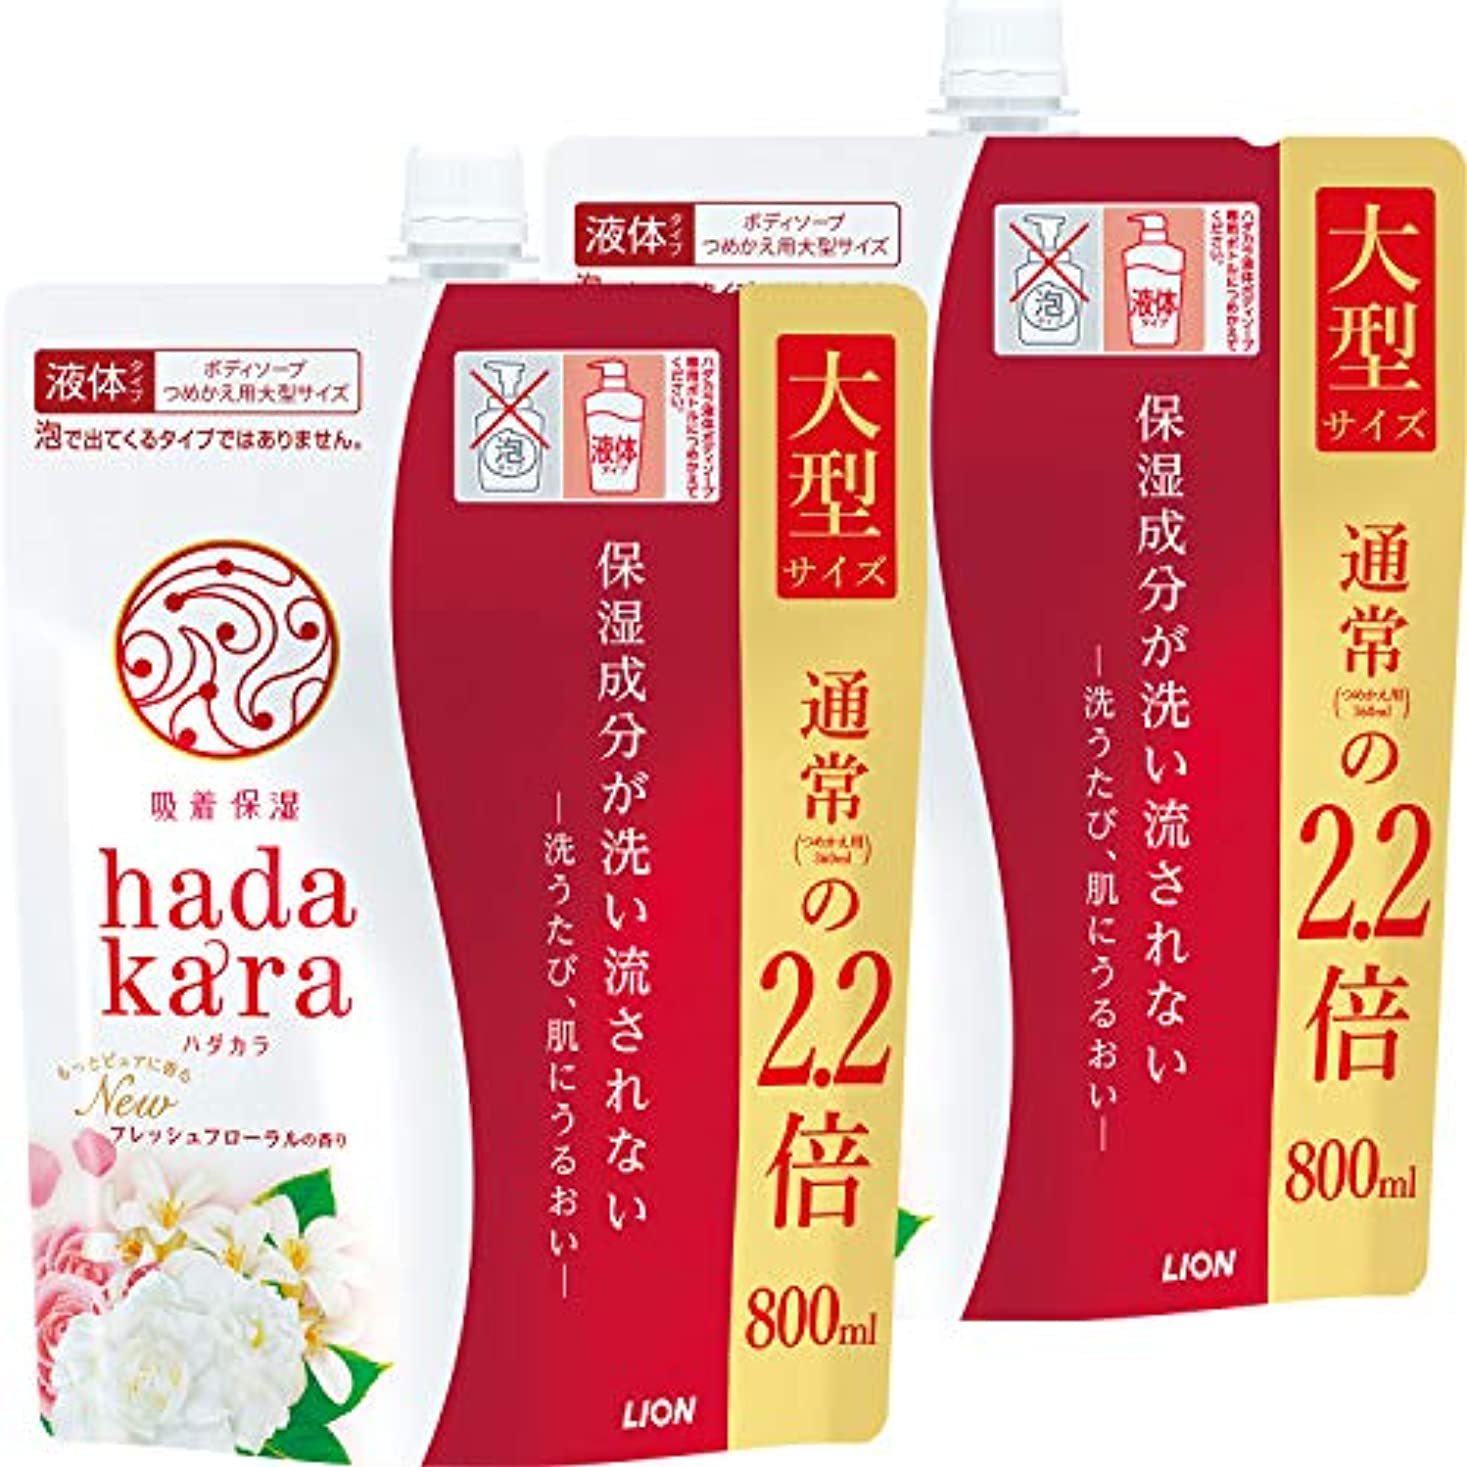 ジャケットエイリアンバストhadakara(ハダカラ) ボディソープ フレッシュフローラルの香り つめかえ用大型サイズ 800ml×2個